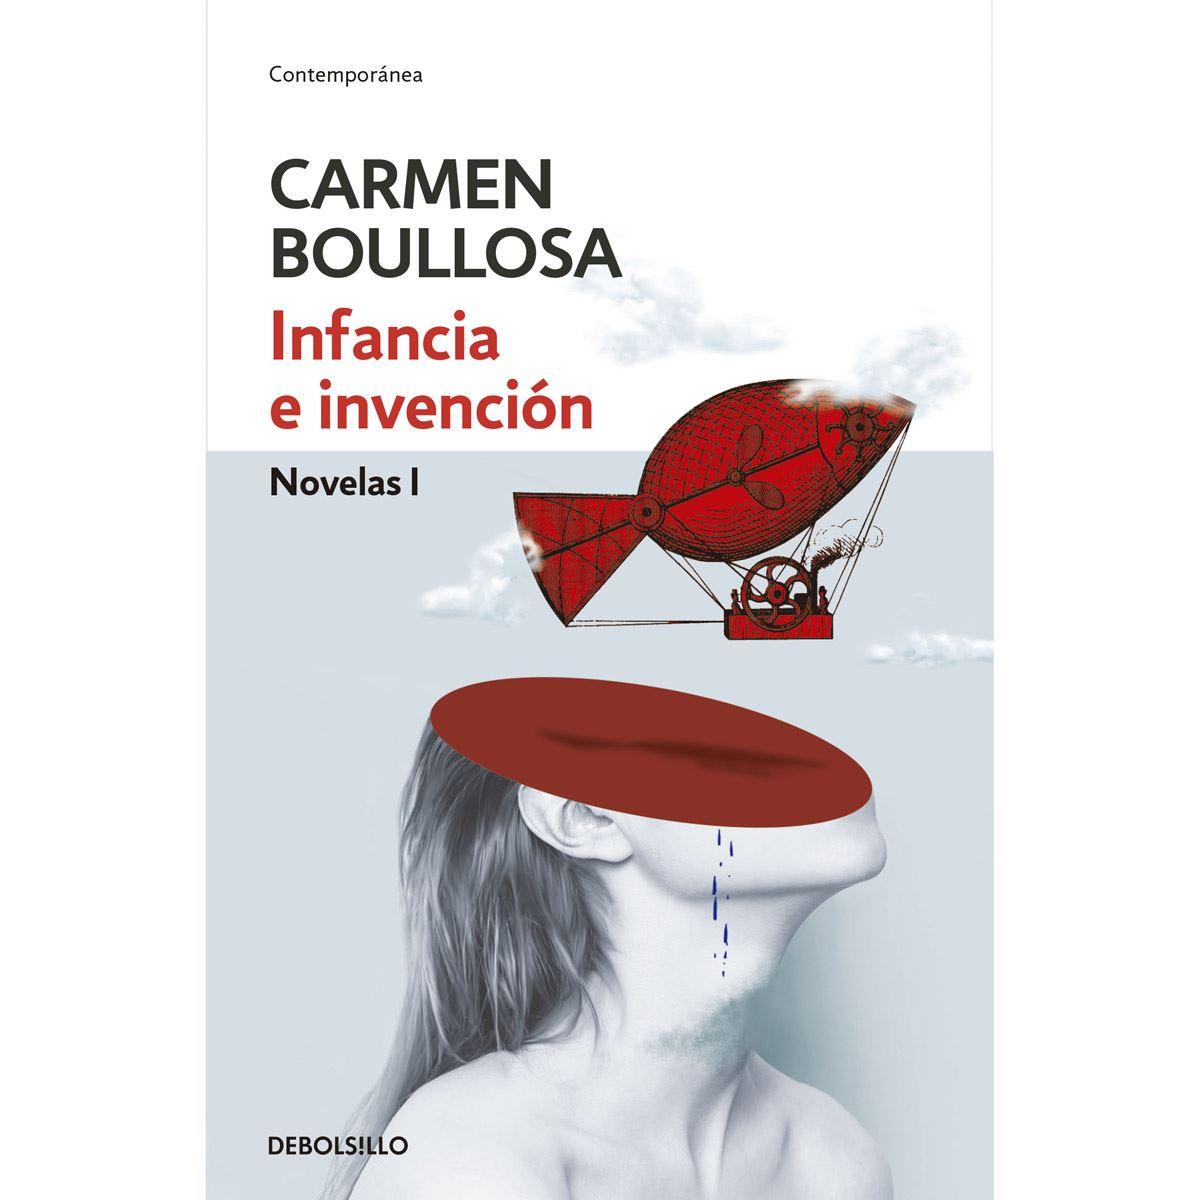 Infancia e invención